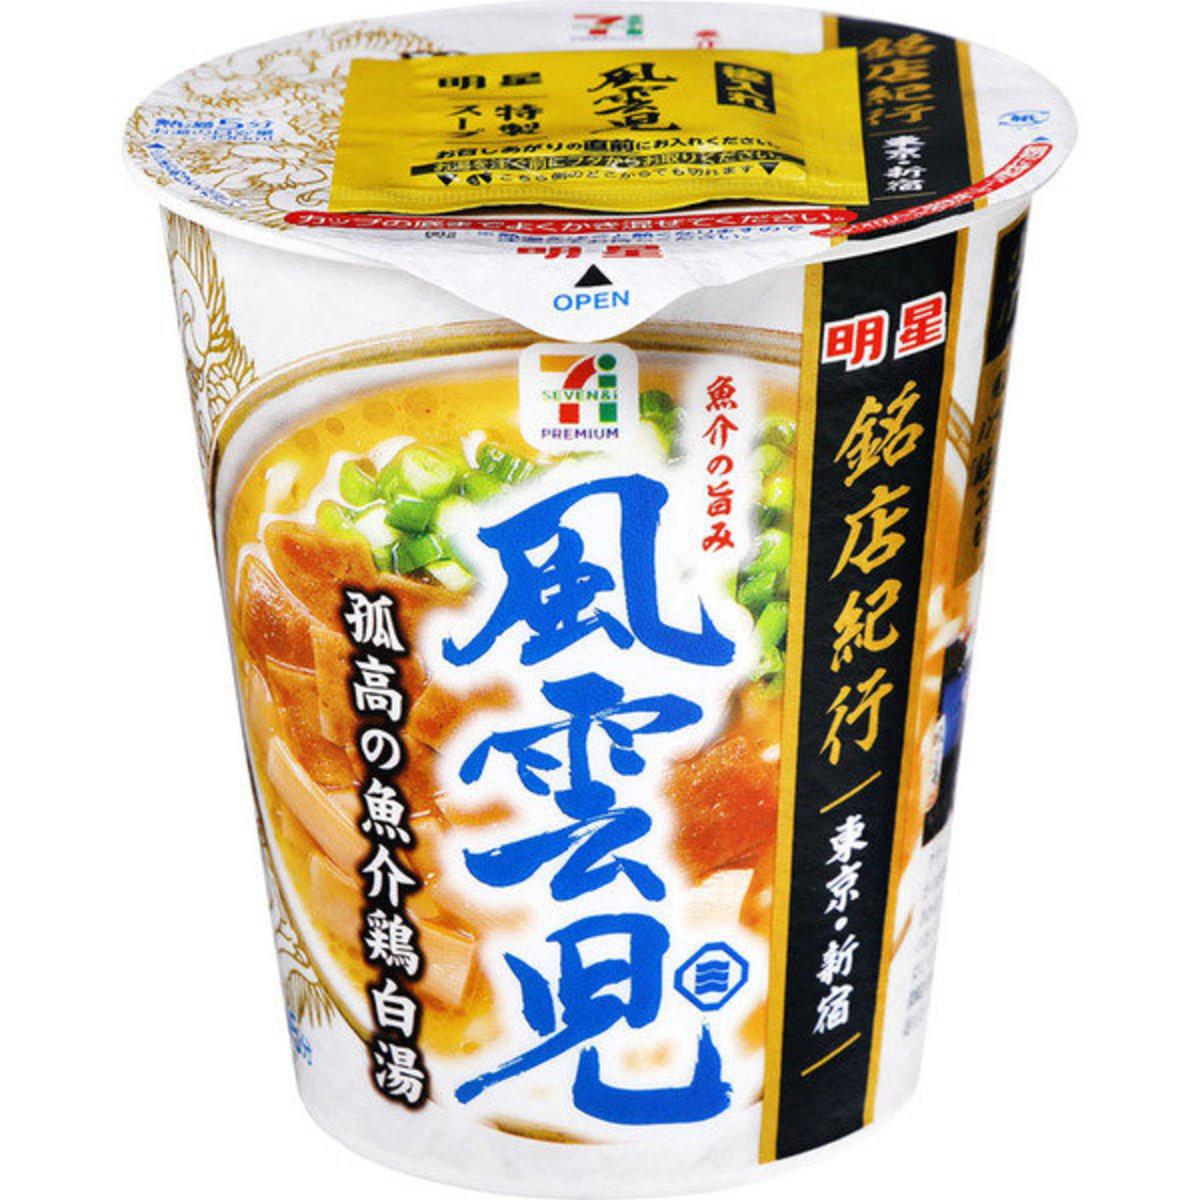 日本Seven Premium新宿 風雲見 孤高魚介鷄白湯拉麵 x 1個